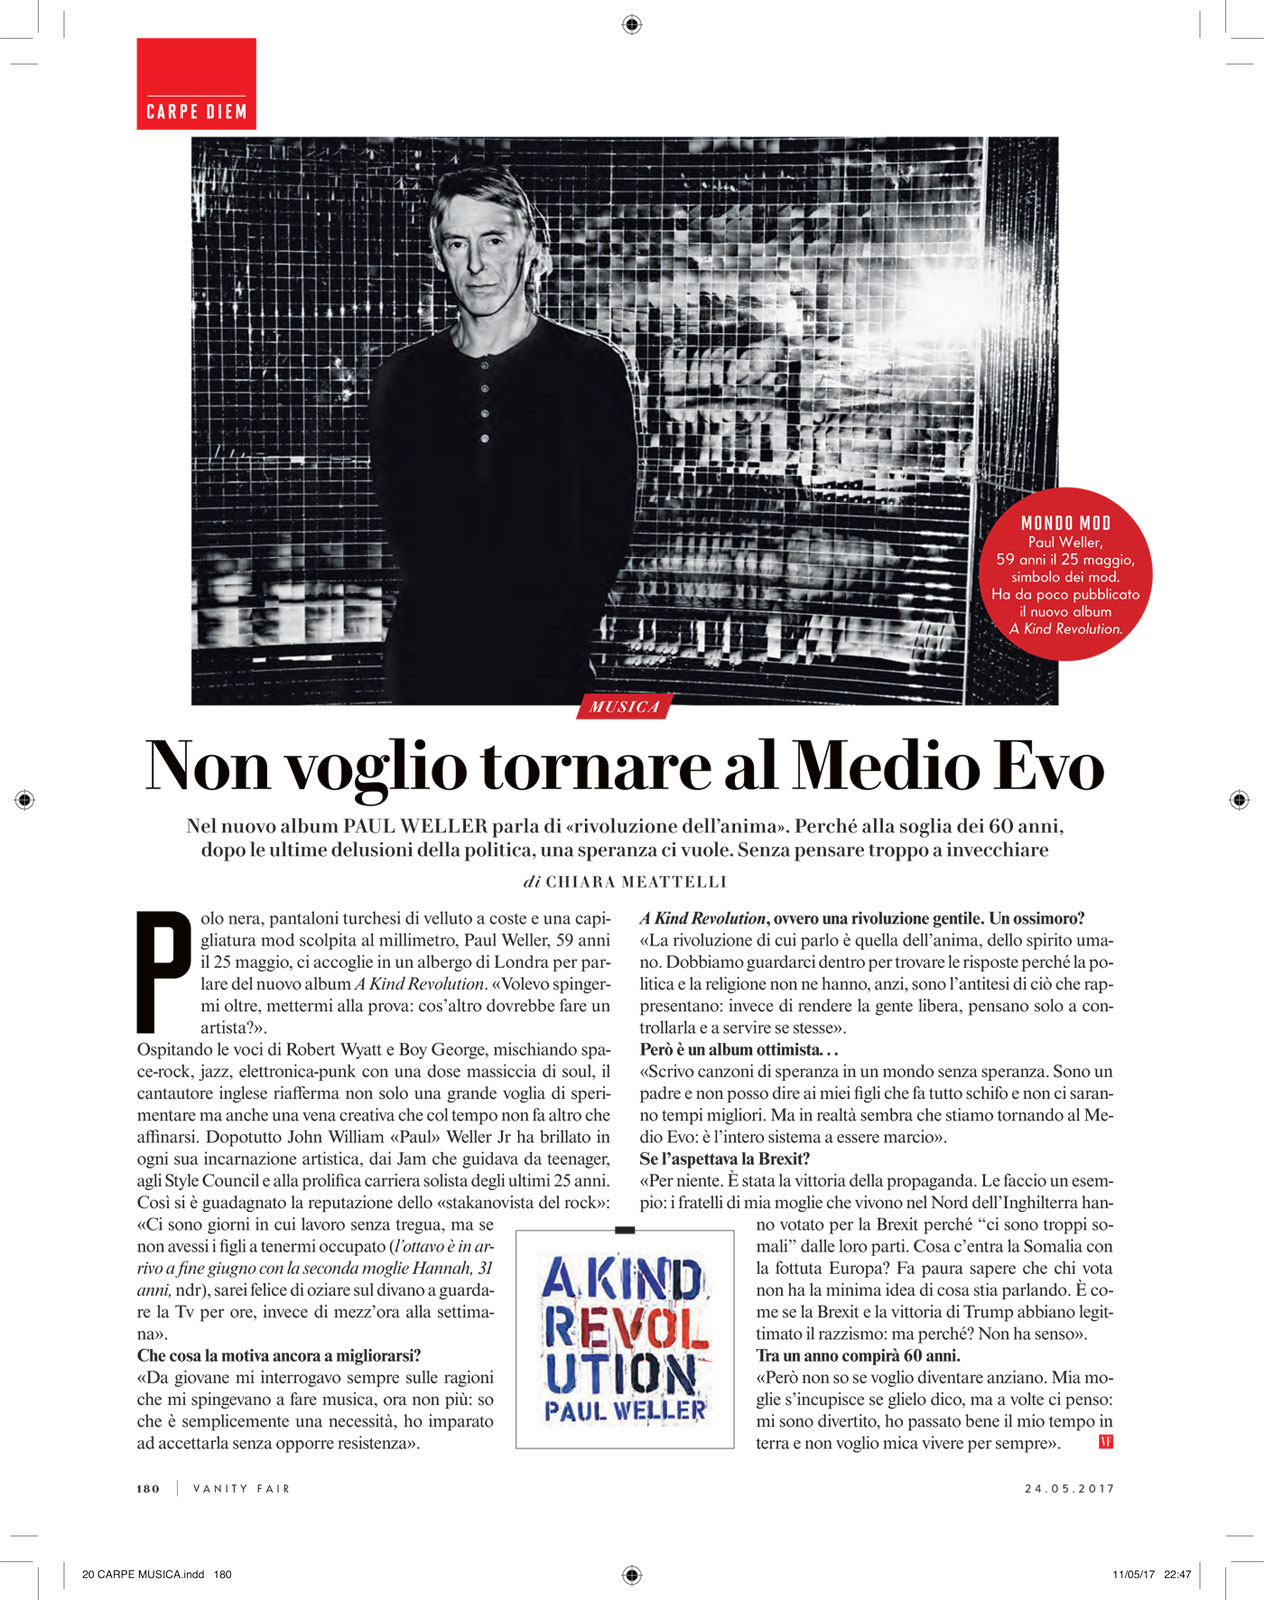 Vanity Fair: Paul Weller interview